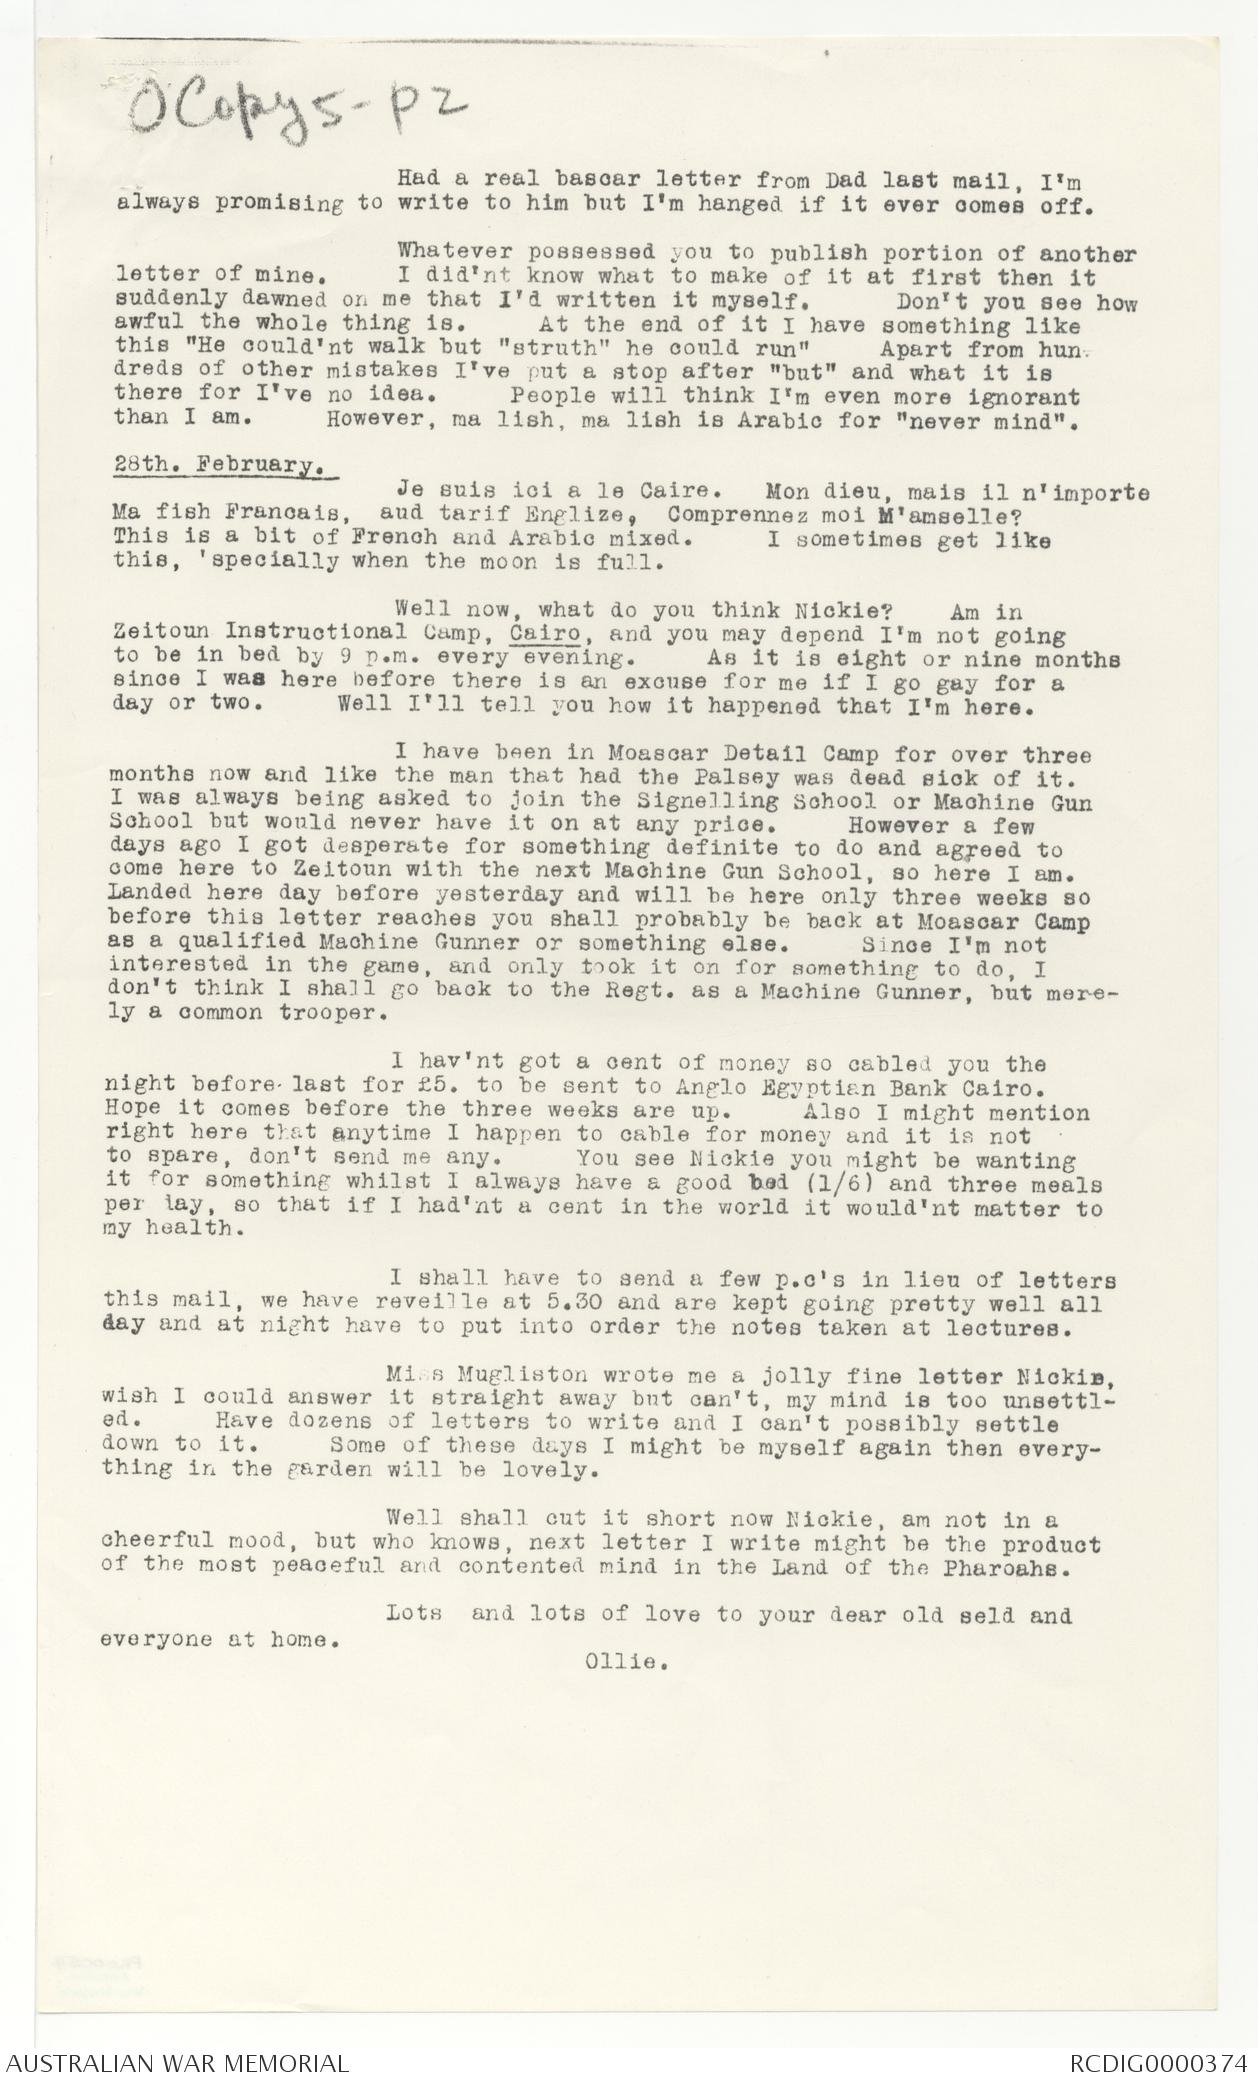 Letters From Oliver Joseph Burke Clarke   The Australian